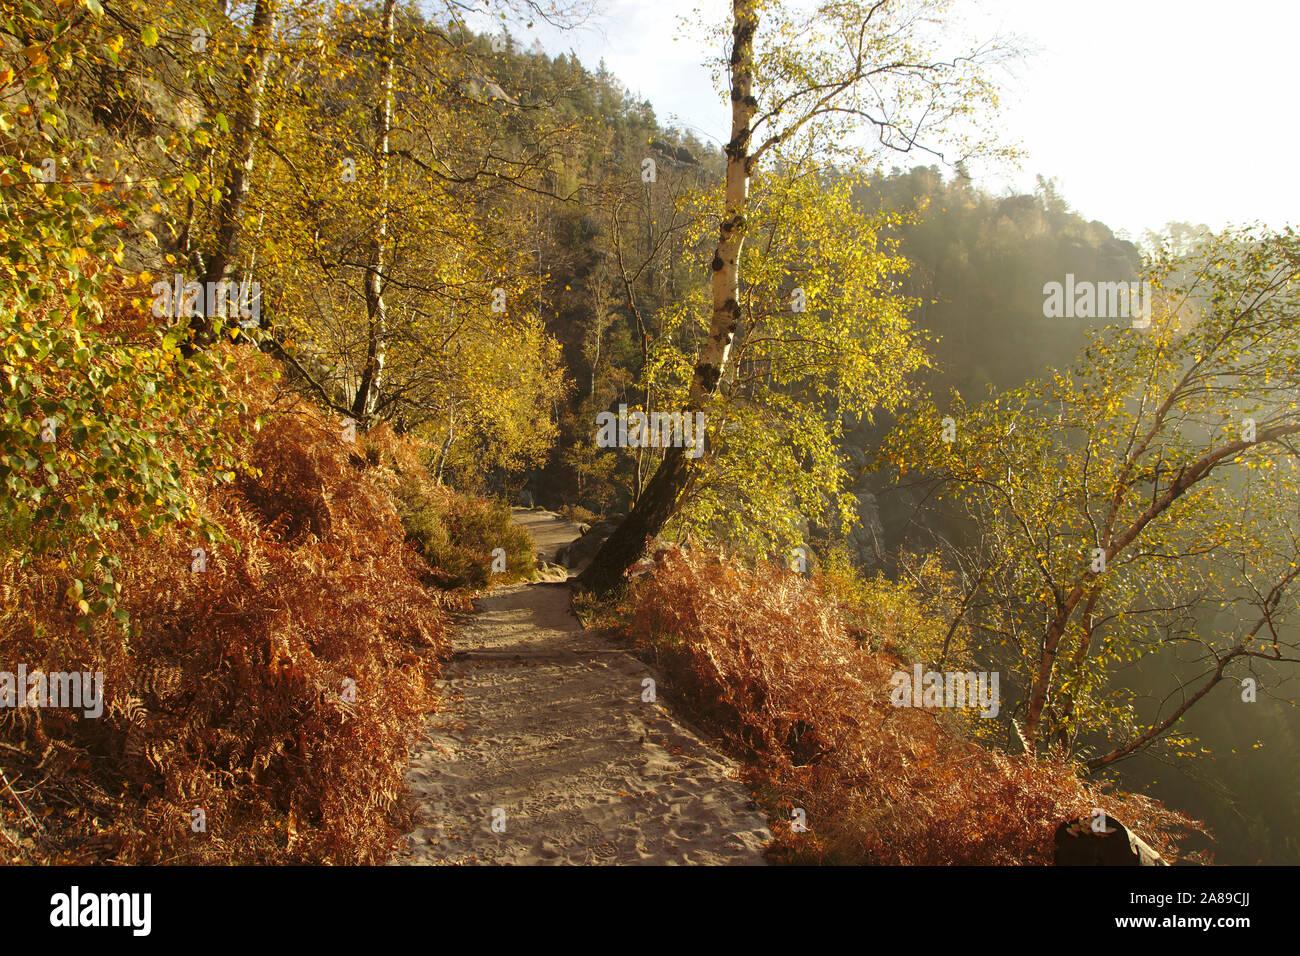 Trees in morning light, Heilige Stiege, autumn, Sächsische Schweiz, Germany Stock Photo